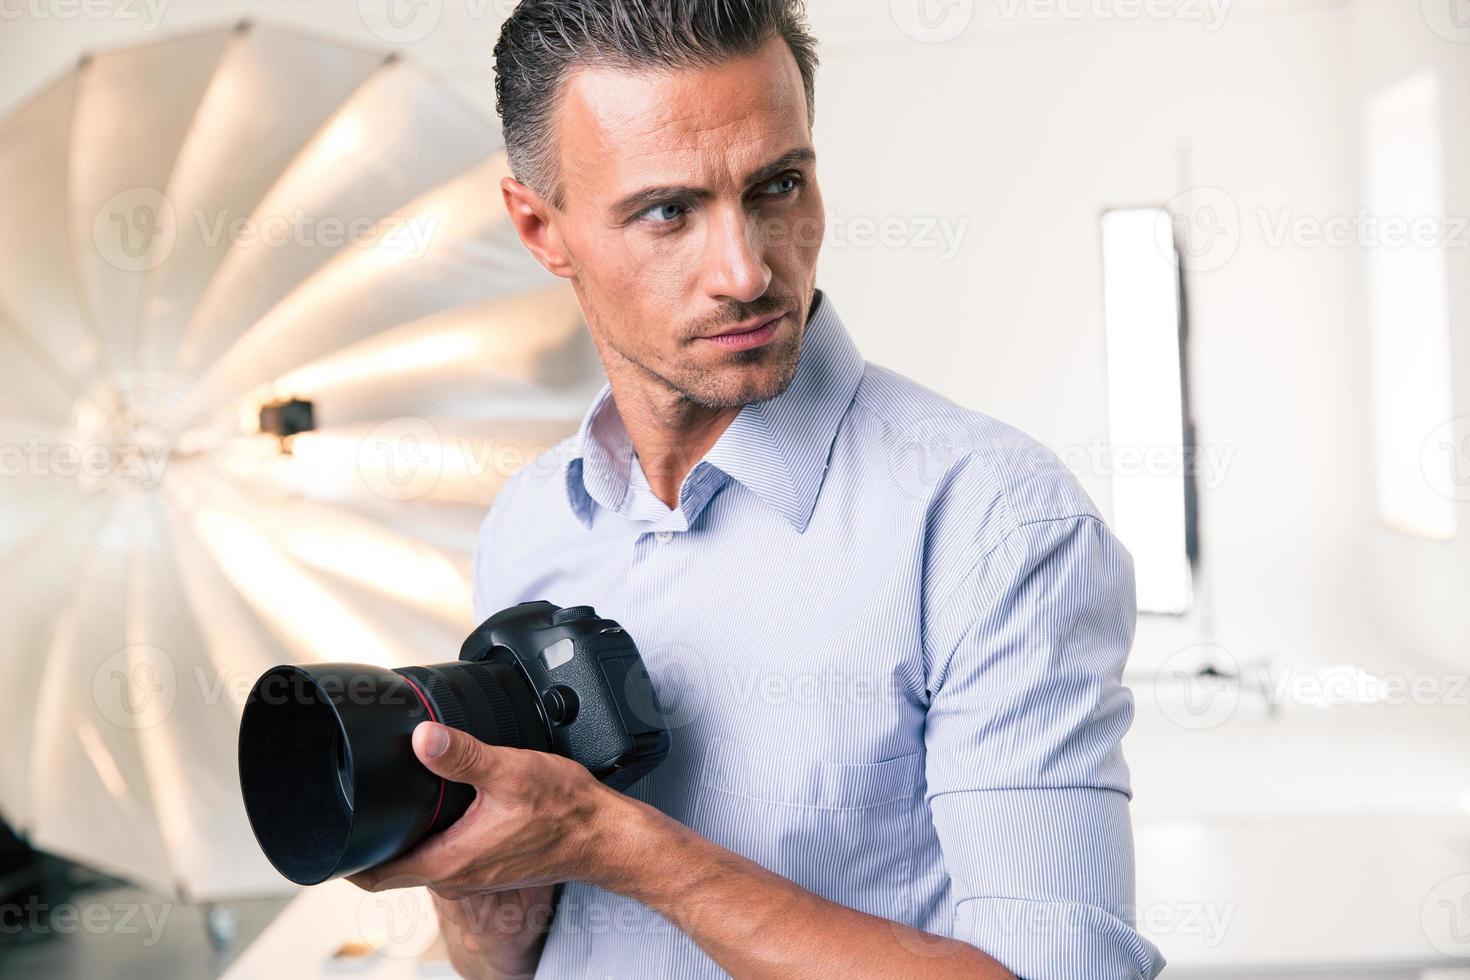 fotógrafo, segurando a câmera e olhando para longe foto